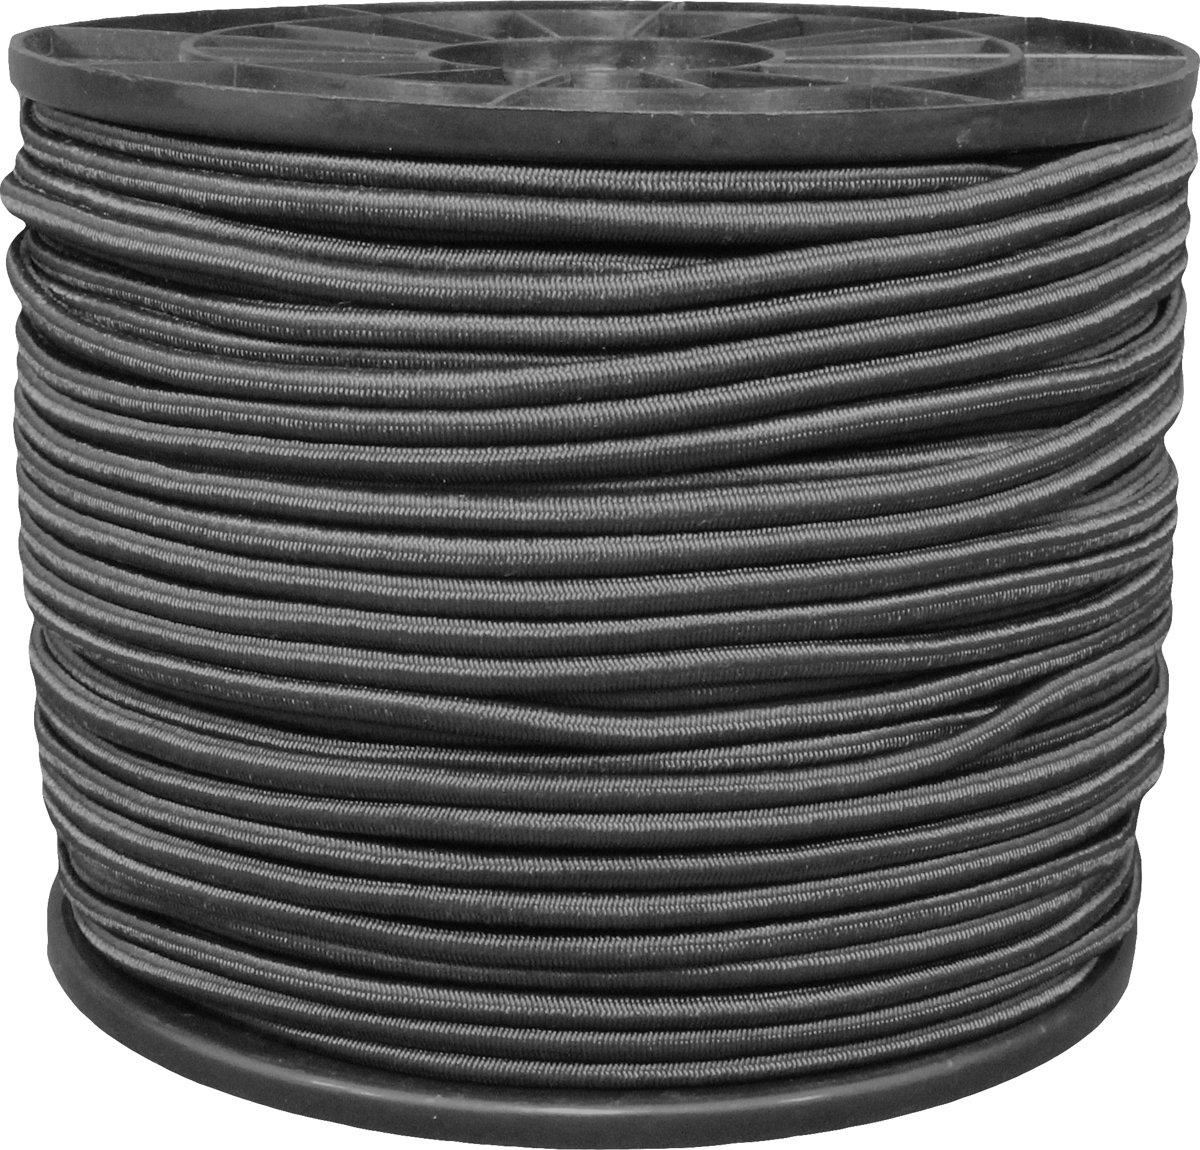 Elastiekkoord - koord - elastiek -  zwart 8 mm - 100 mtr - haspel kopen